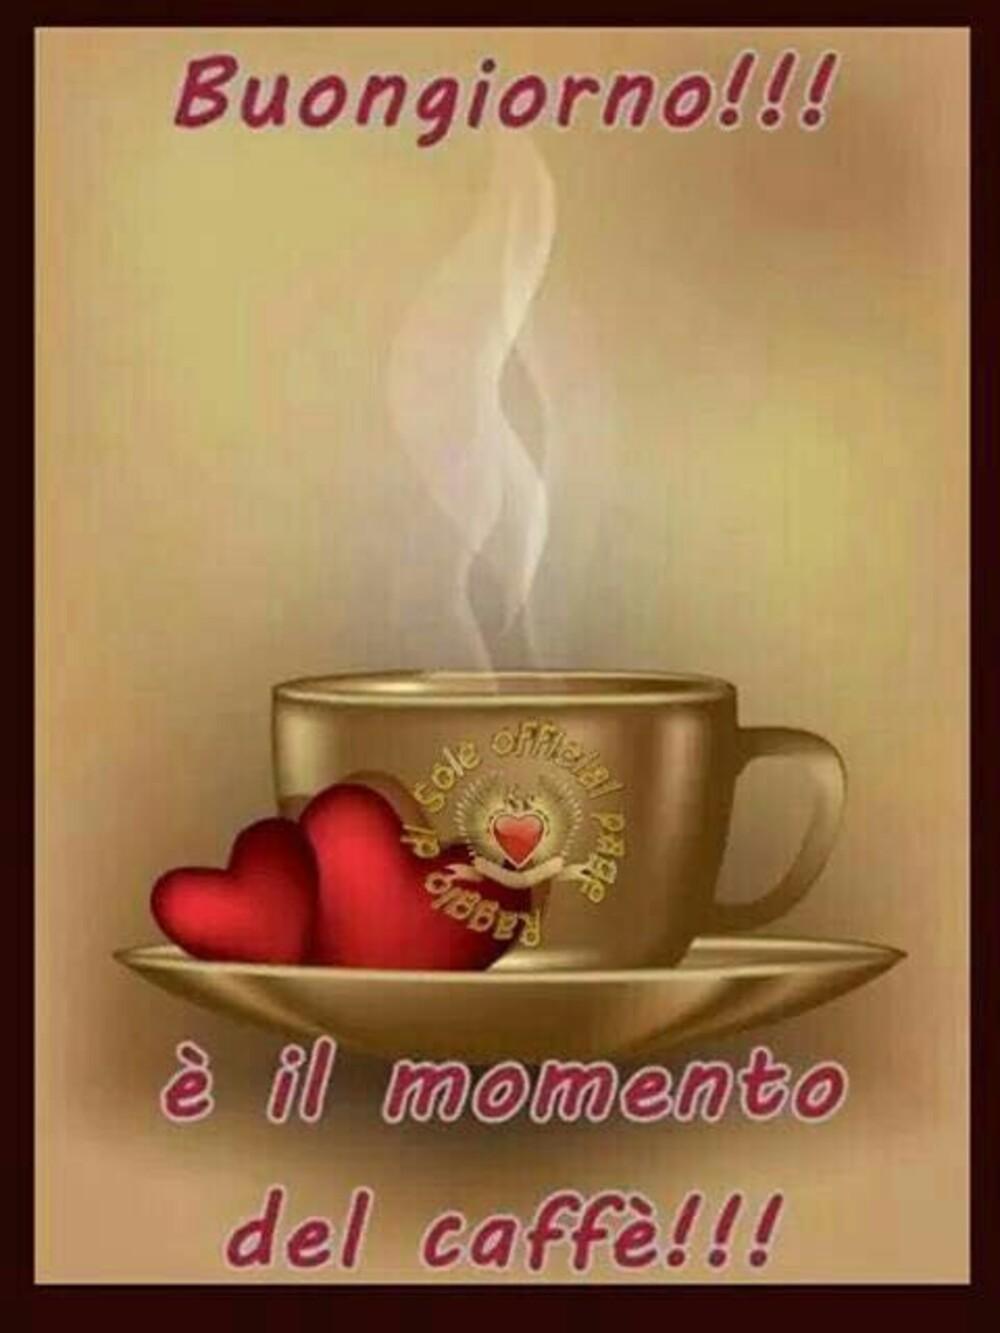 Buongiorno è il momento del caffè!!!